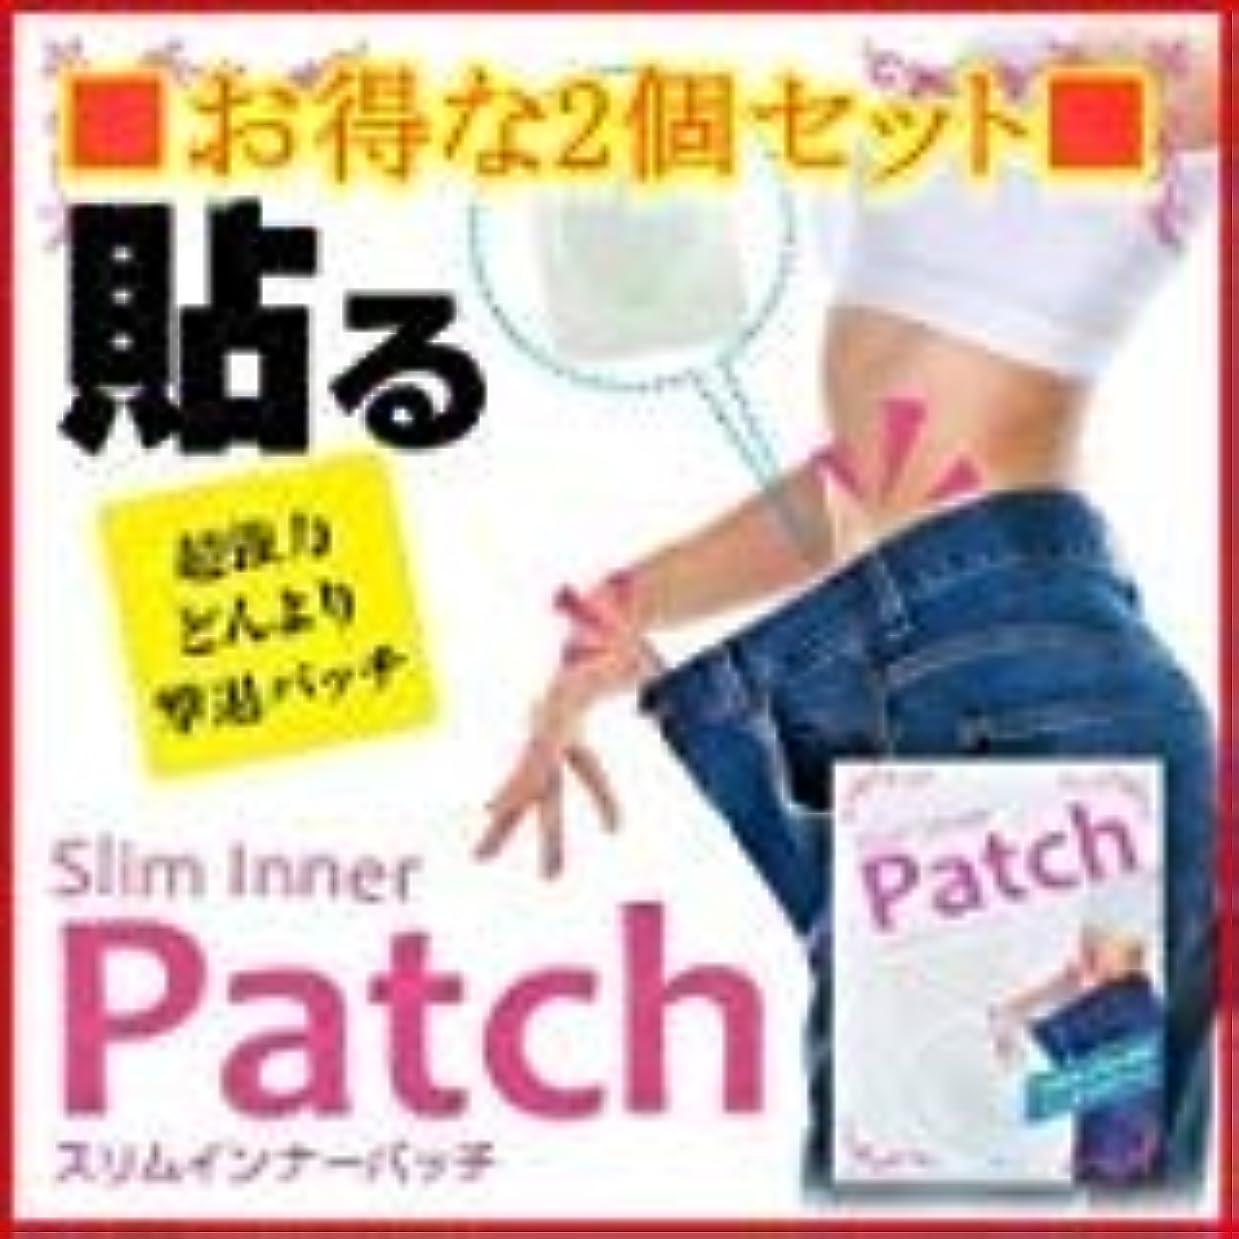 錫ピンチ請うSlim inner Patch(スリムインナーパッチ) (2個)